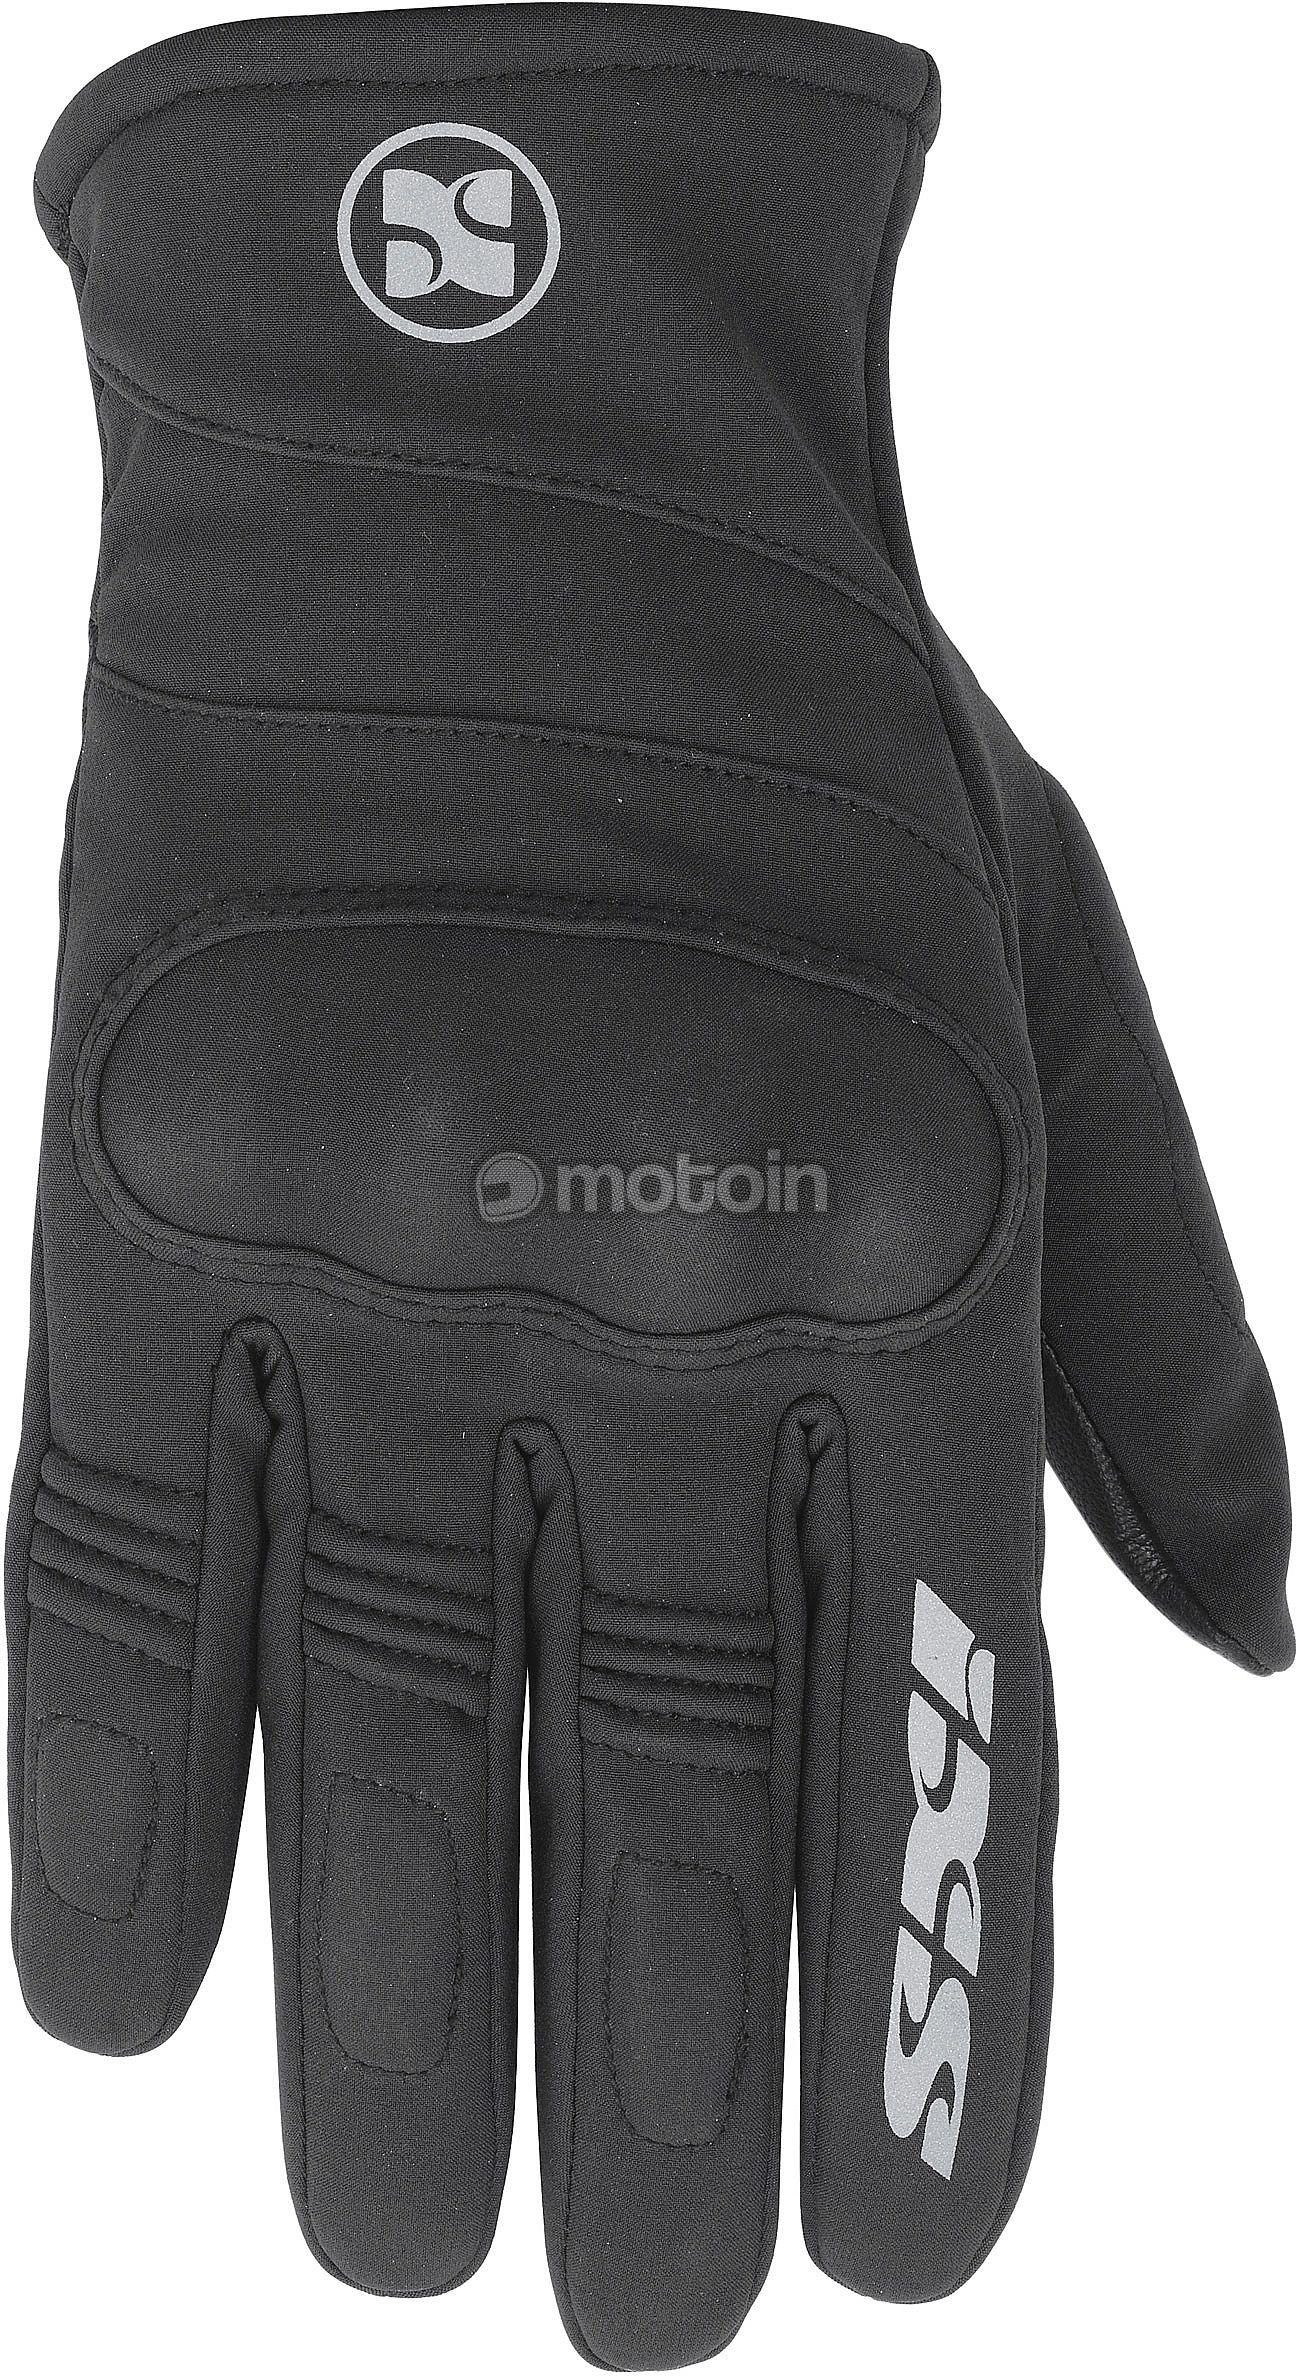 Motorcycle gloves ixs - Ixs Gara Gloves